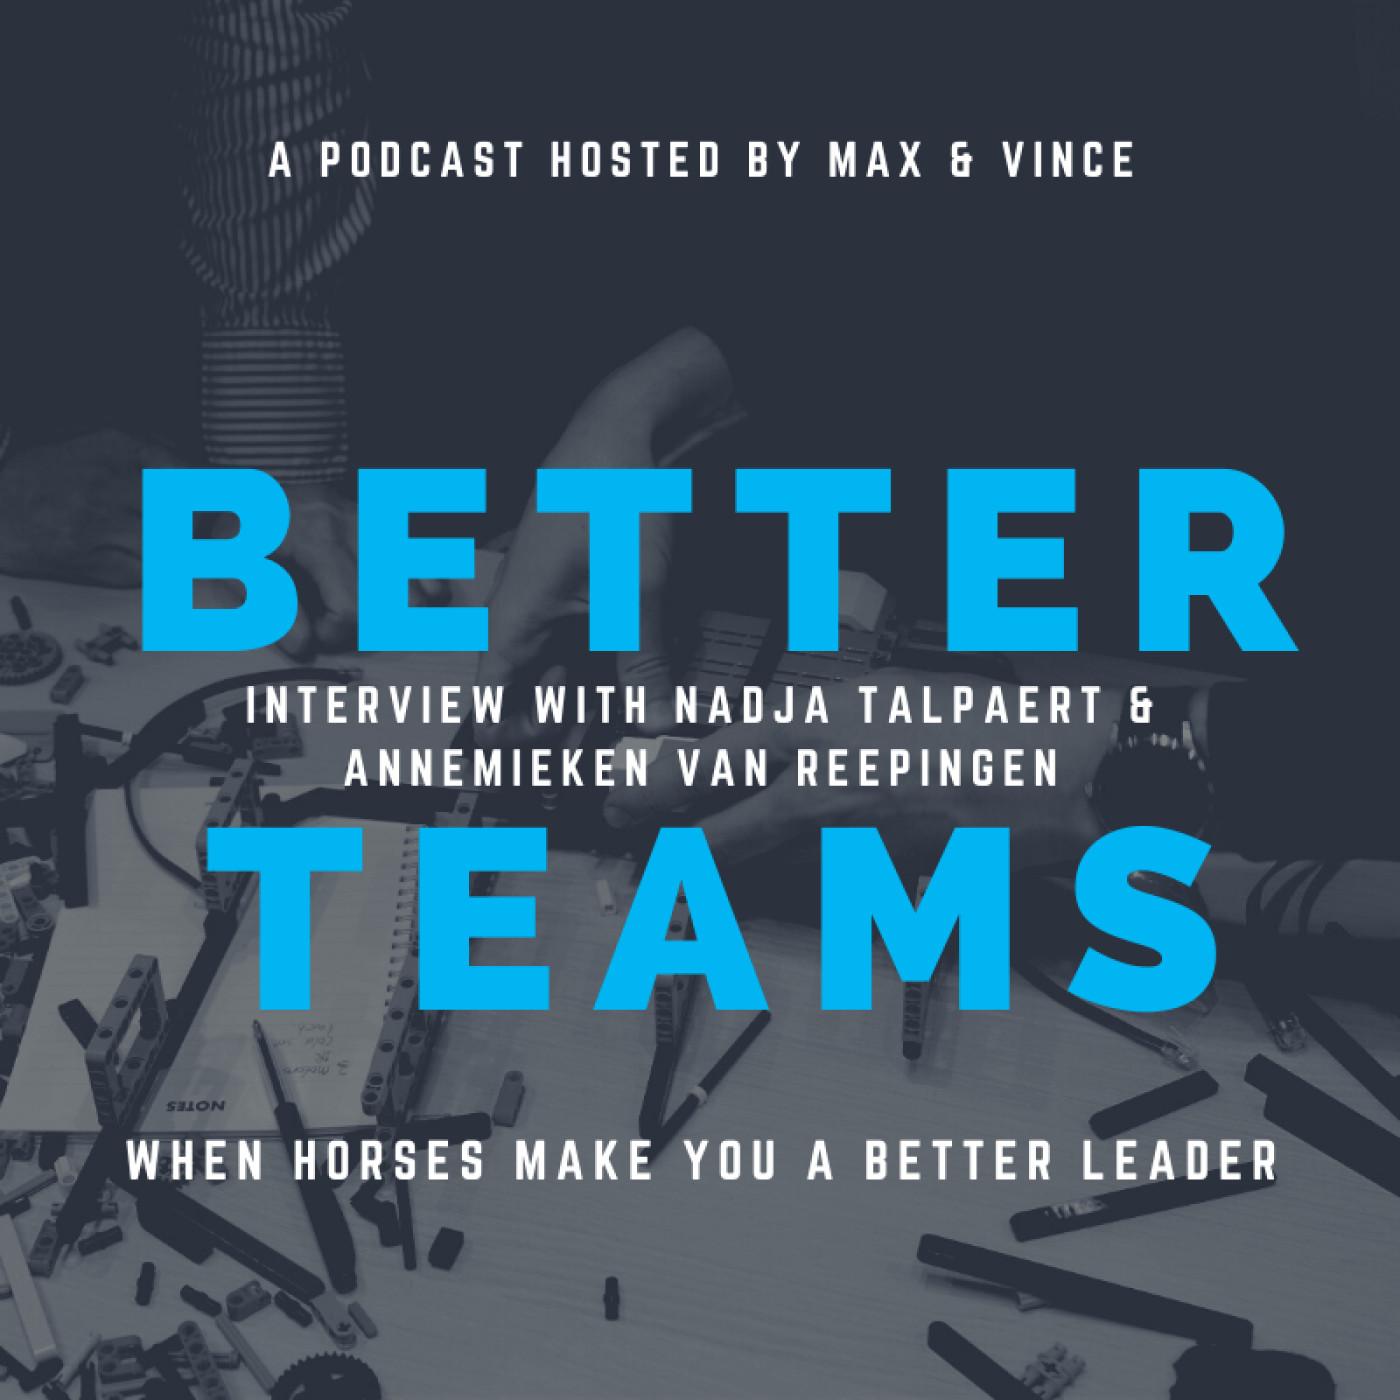 When Horses Make You a Better Leader -  Interview With Nadja Talpaert and Annemieken Van Reepingen